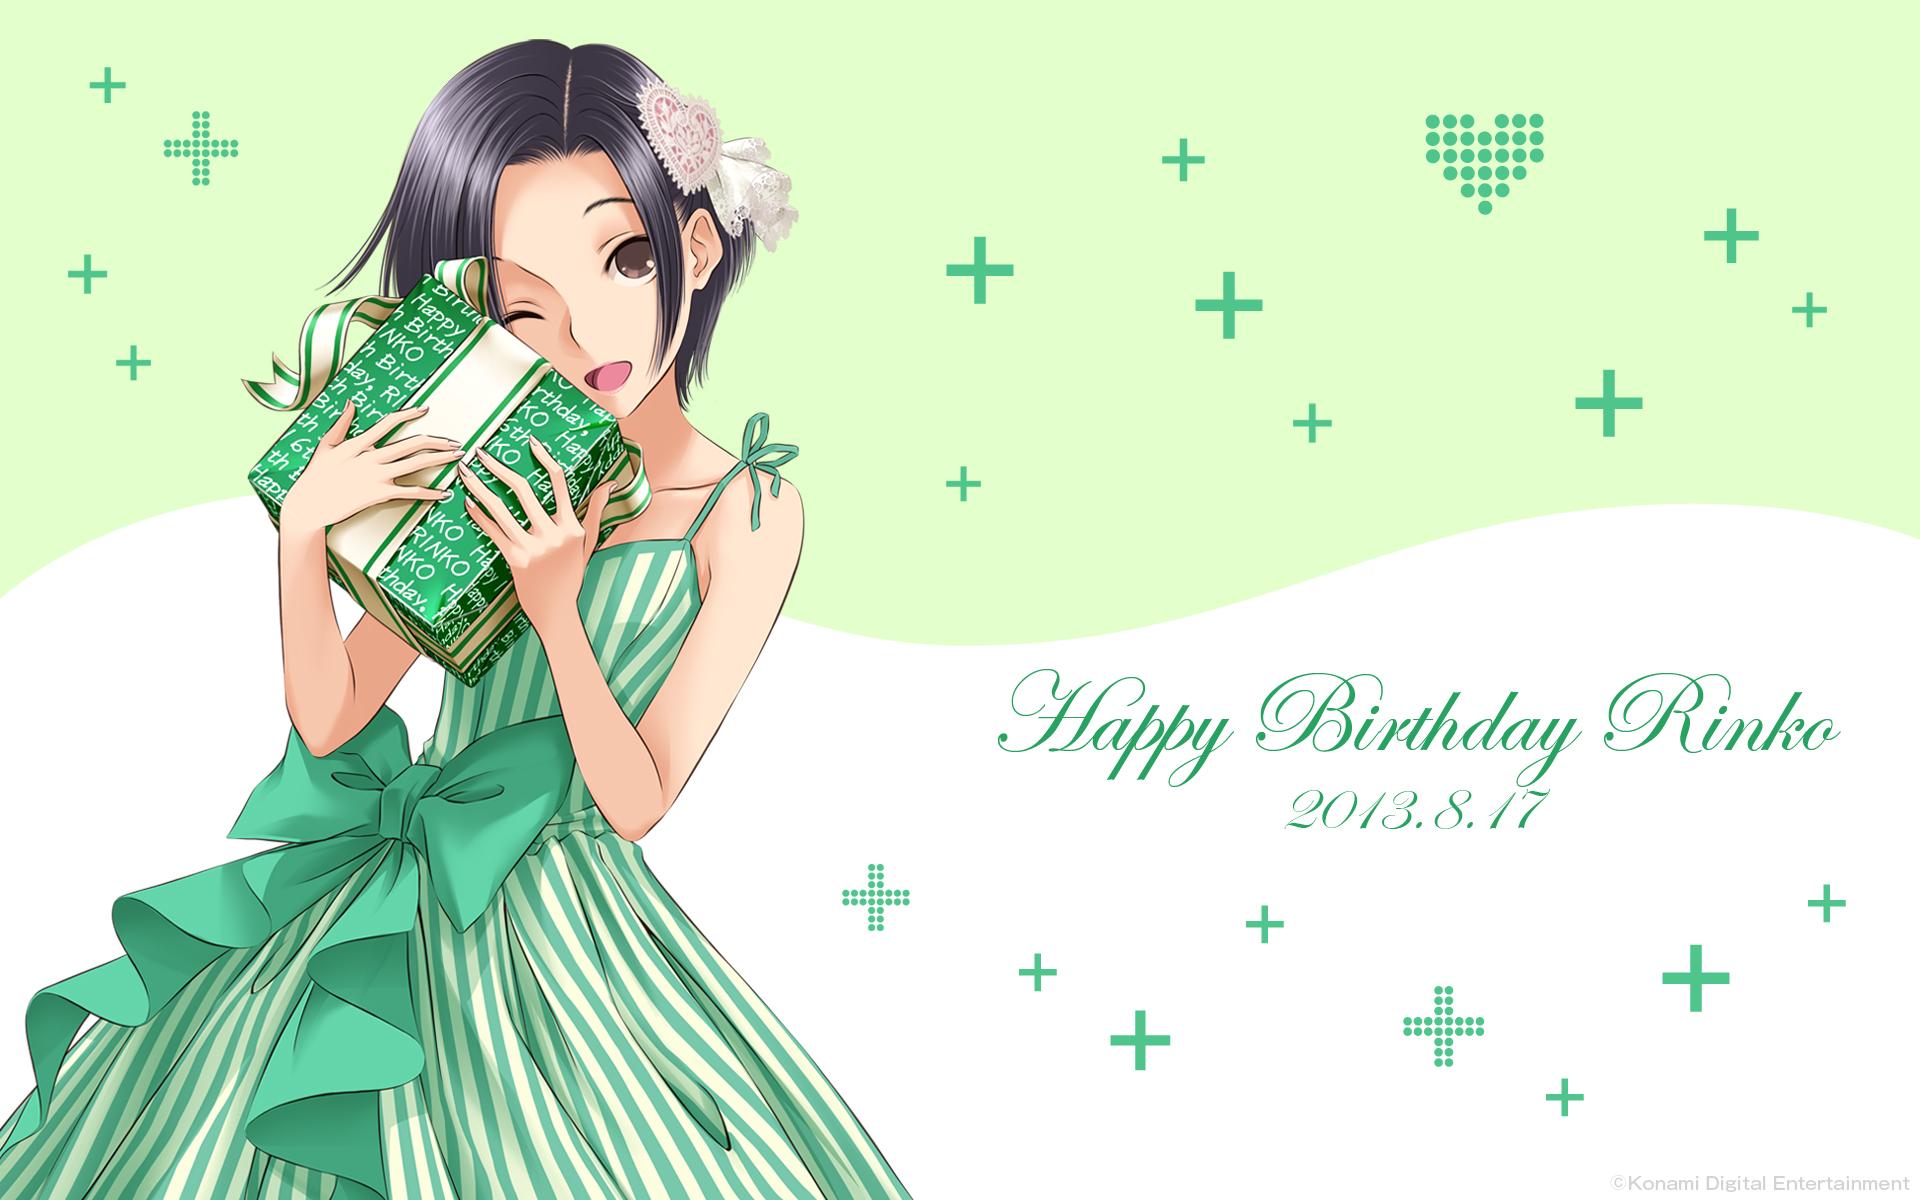 凛子 誕生日おめでとう 3ds Newラブプラス 小早川凛子誕生日記念